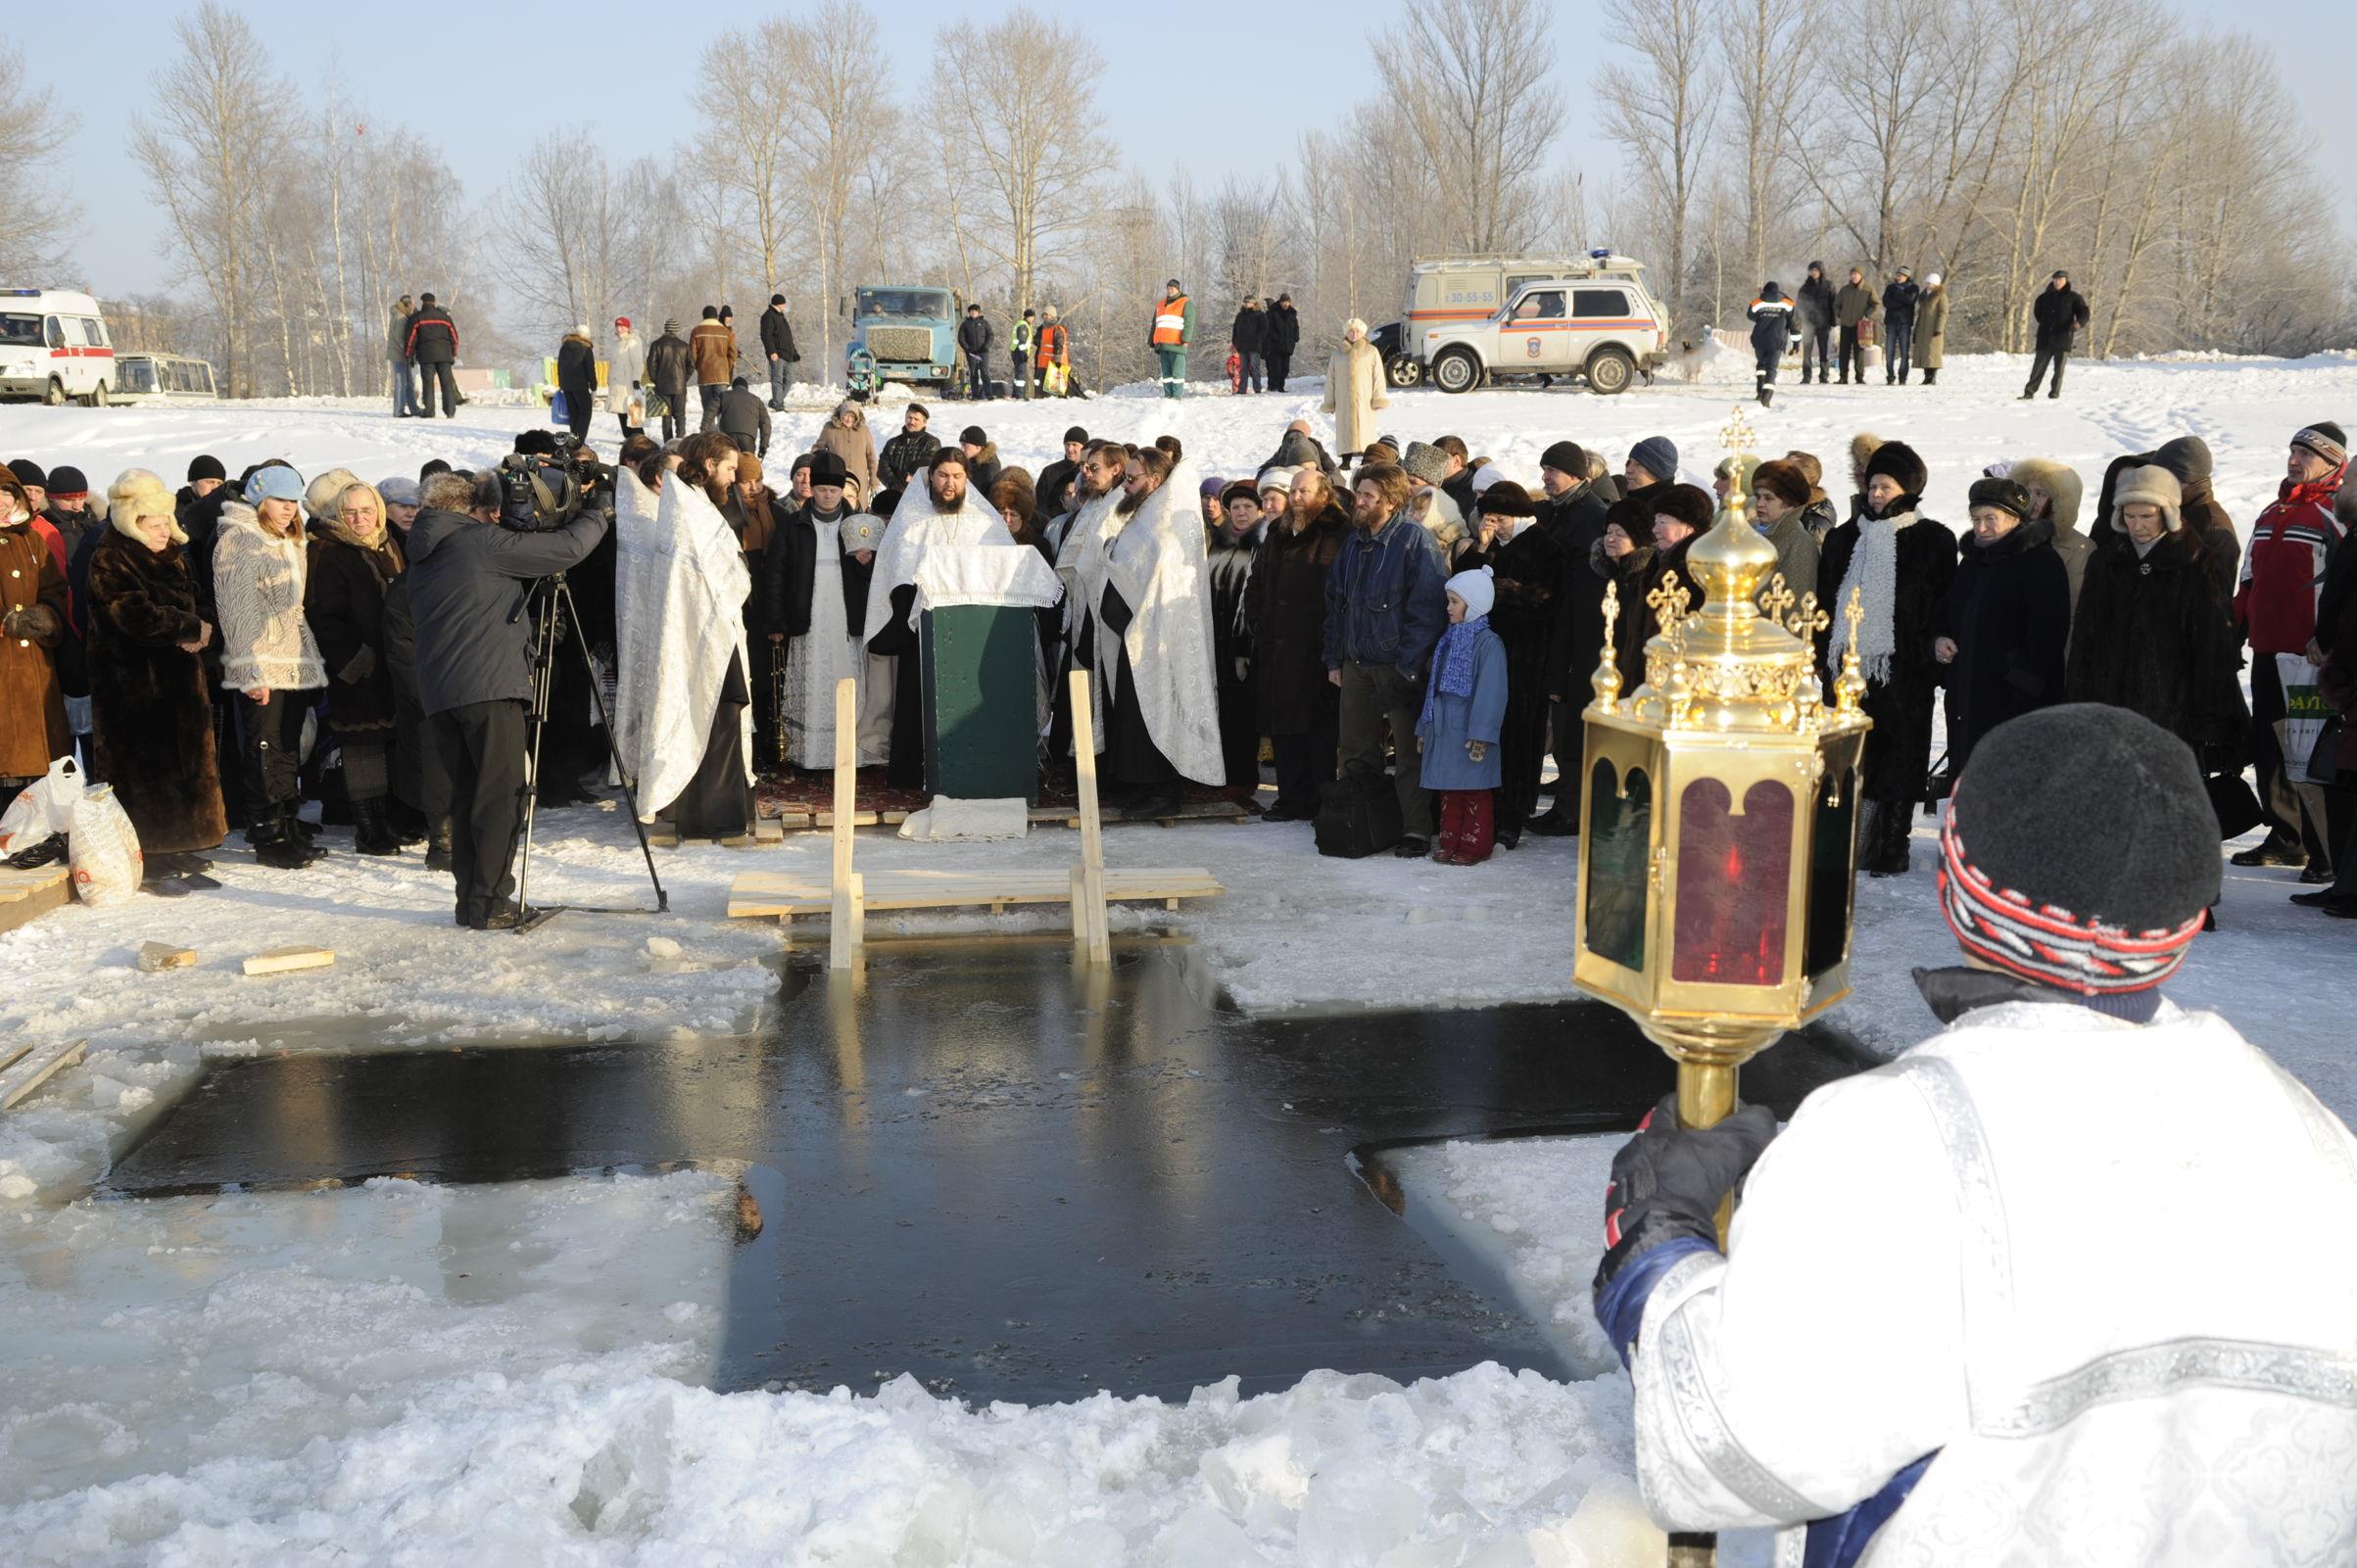 В Ярославле для крещенских купаний оборудуют только одну купель